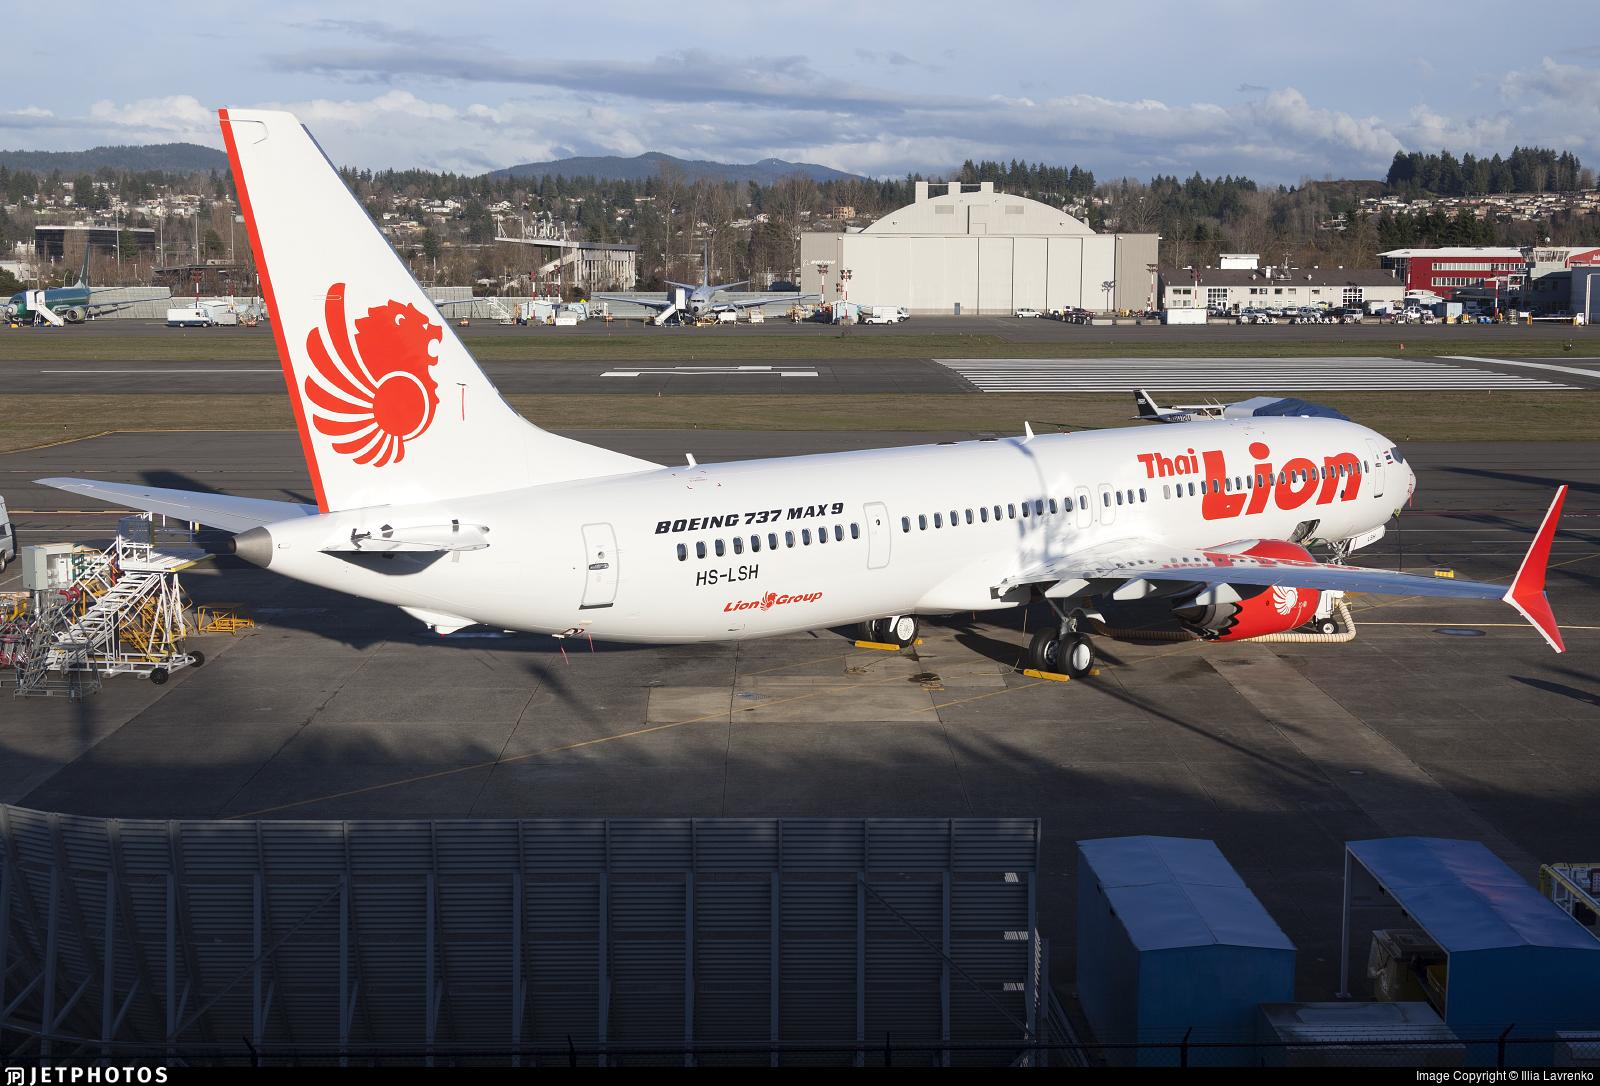 HS-LSH - Boeing 737-9 MAX - Thai Lion Air